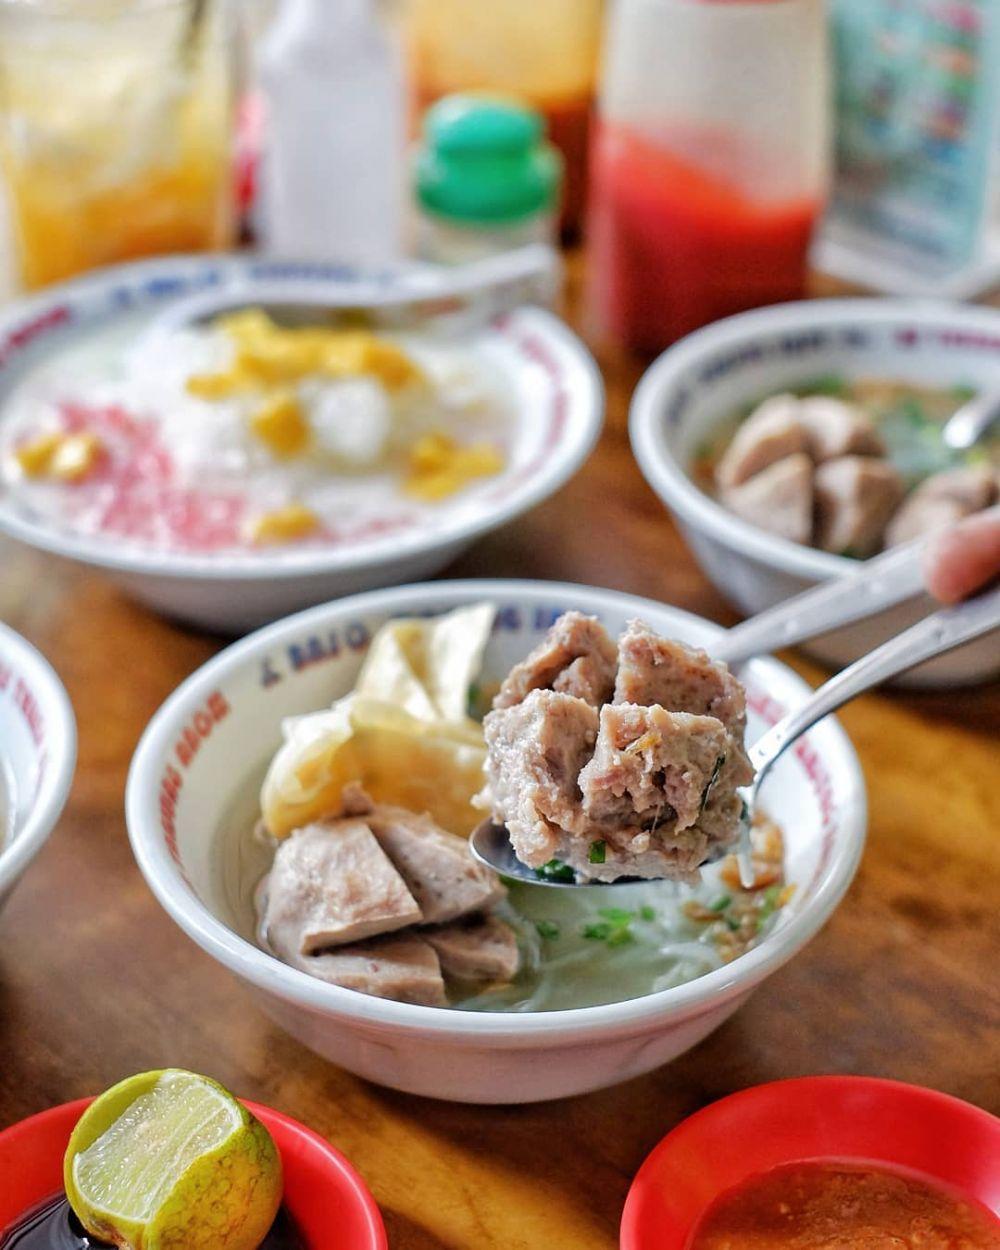 Wajib Dicoba! 5 Rekomendasi Kuliner Enak di Jalan Tunjungan, Surabaya